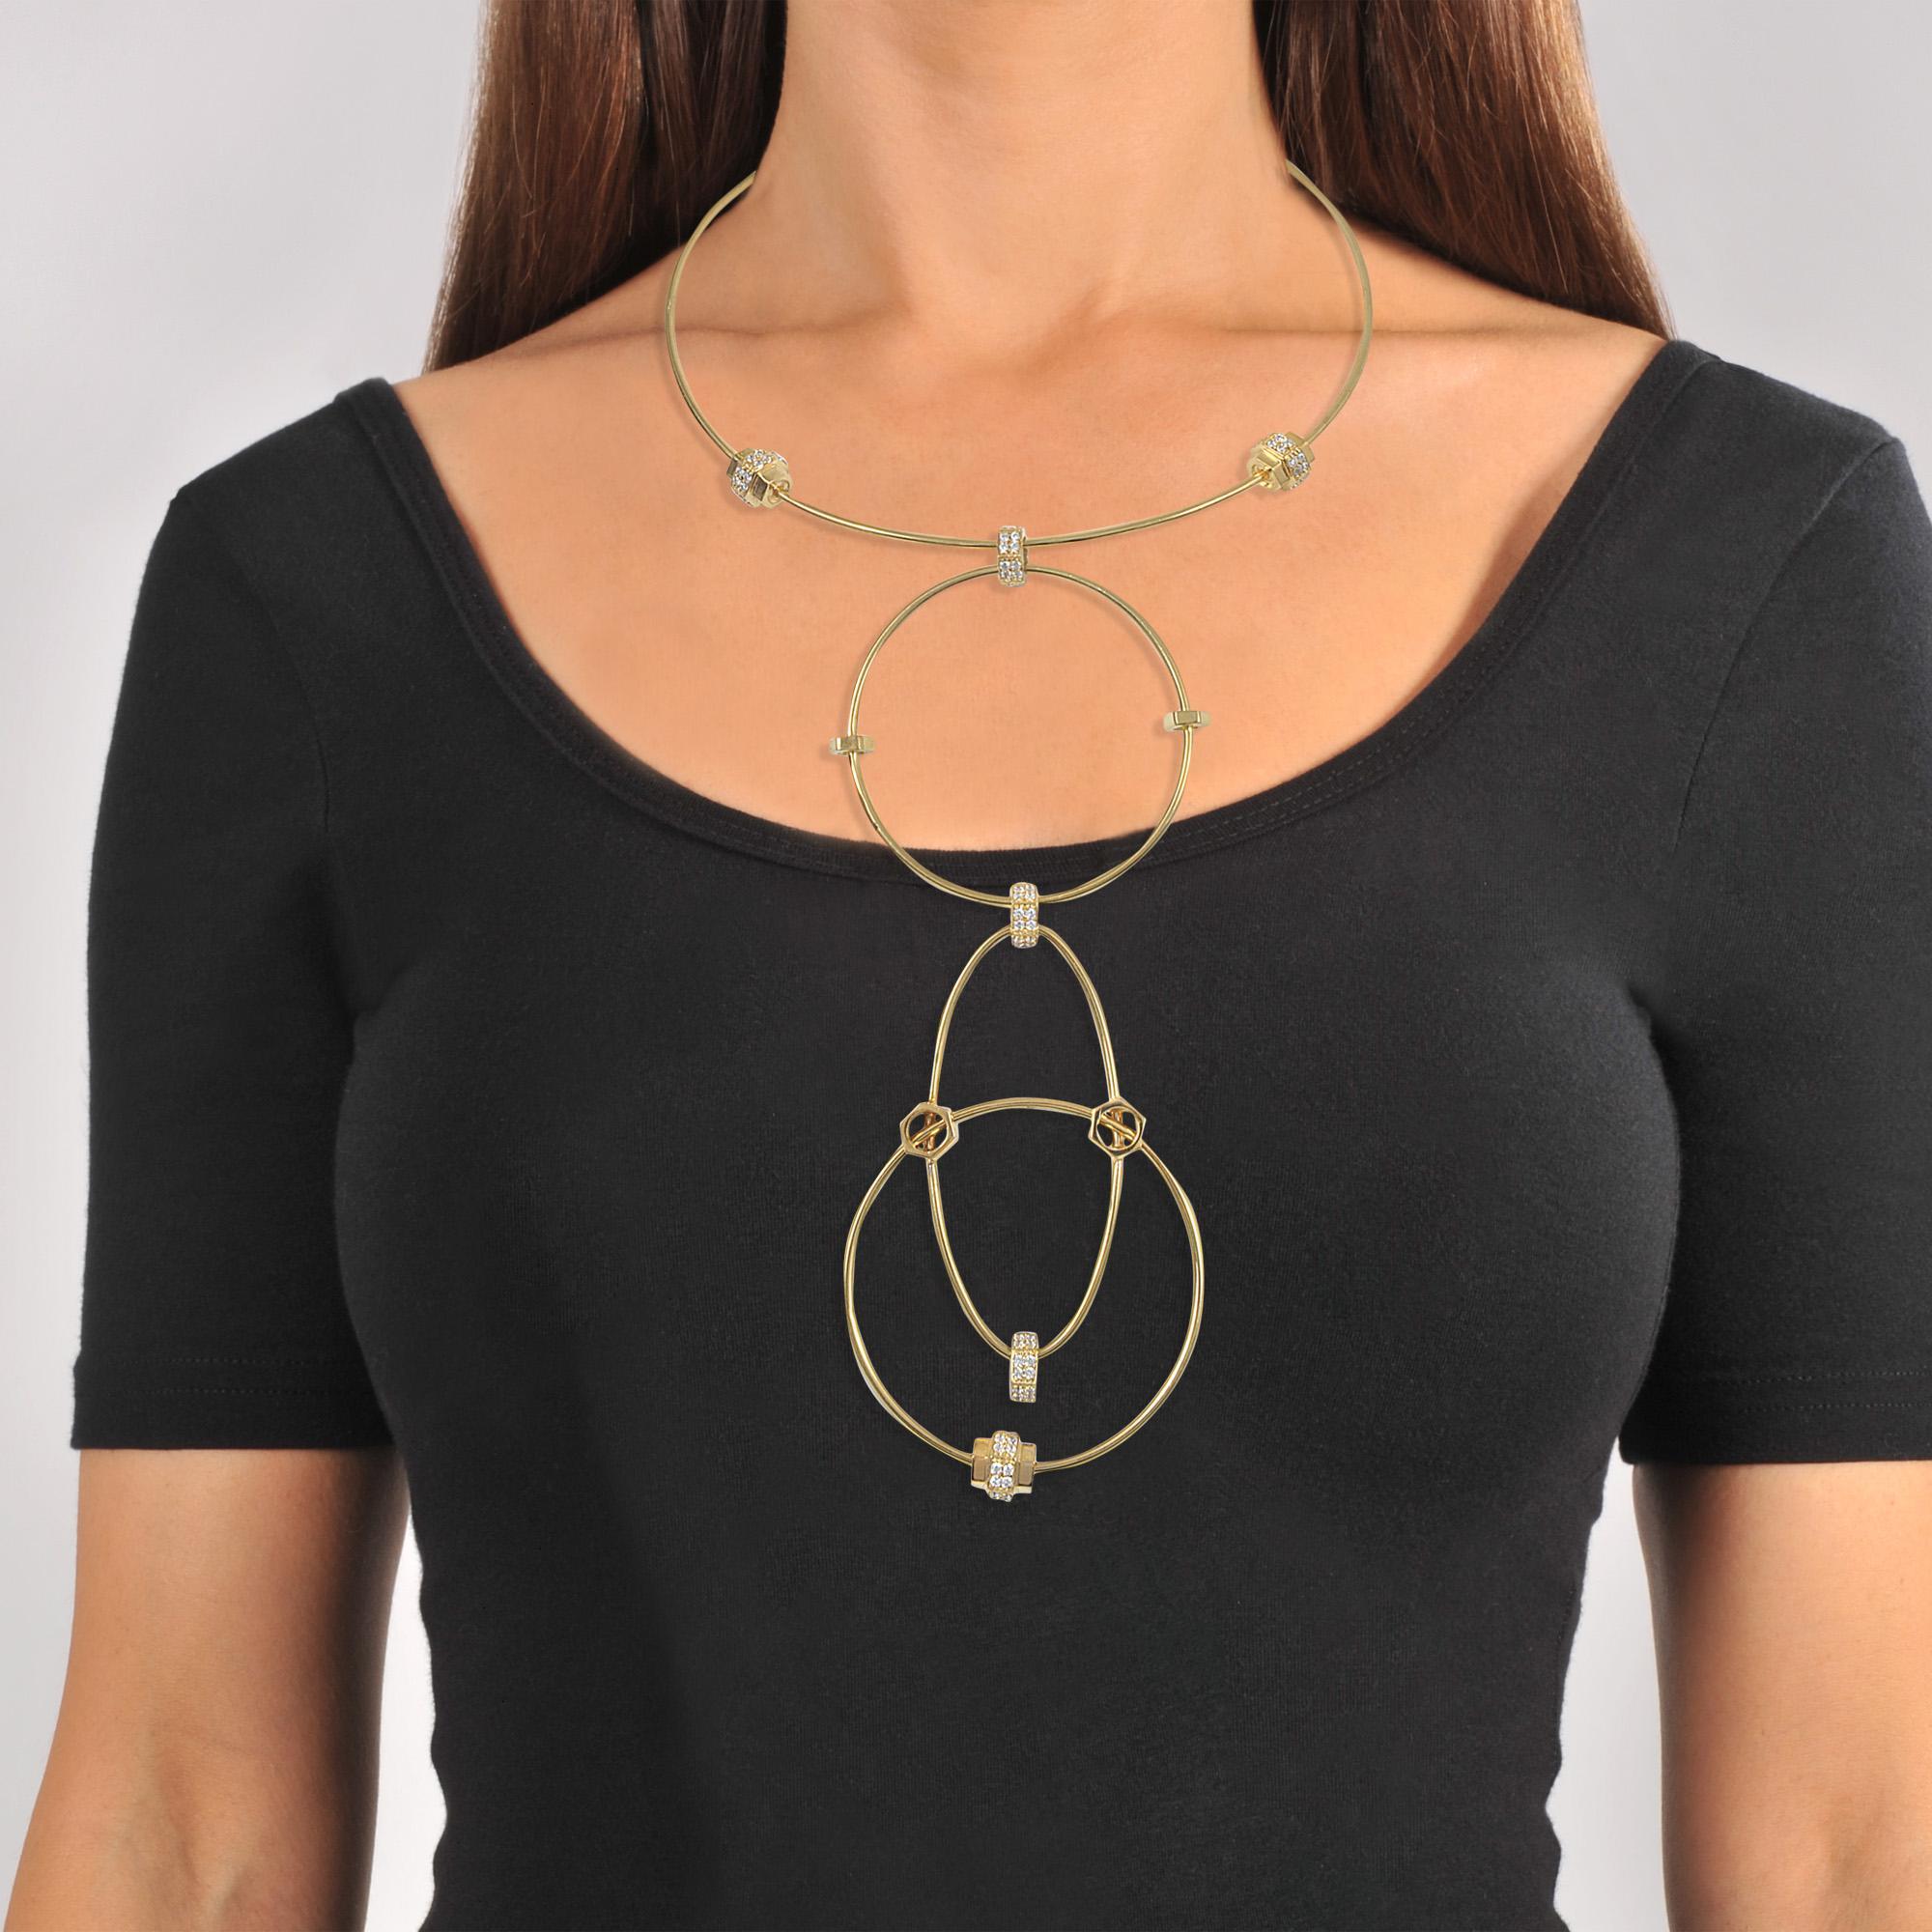 Lyst - Joanna Laura Constantine Wire Statement Necklace in Metallic